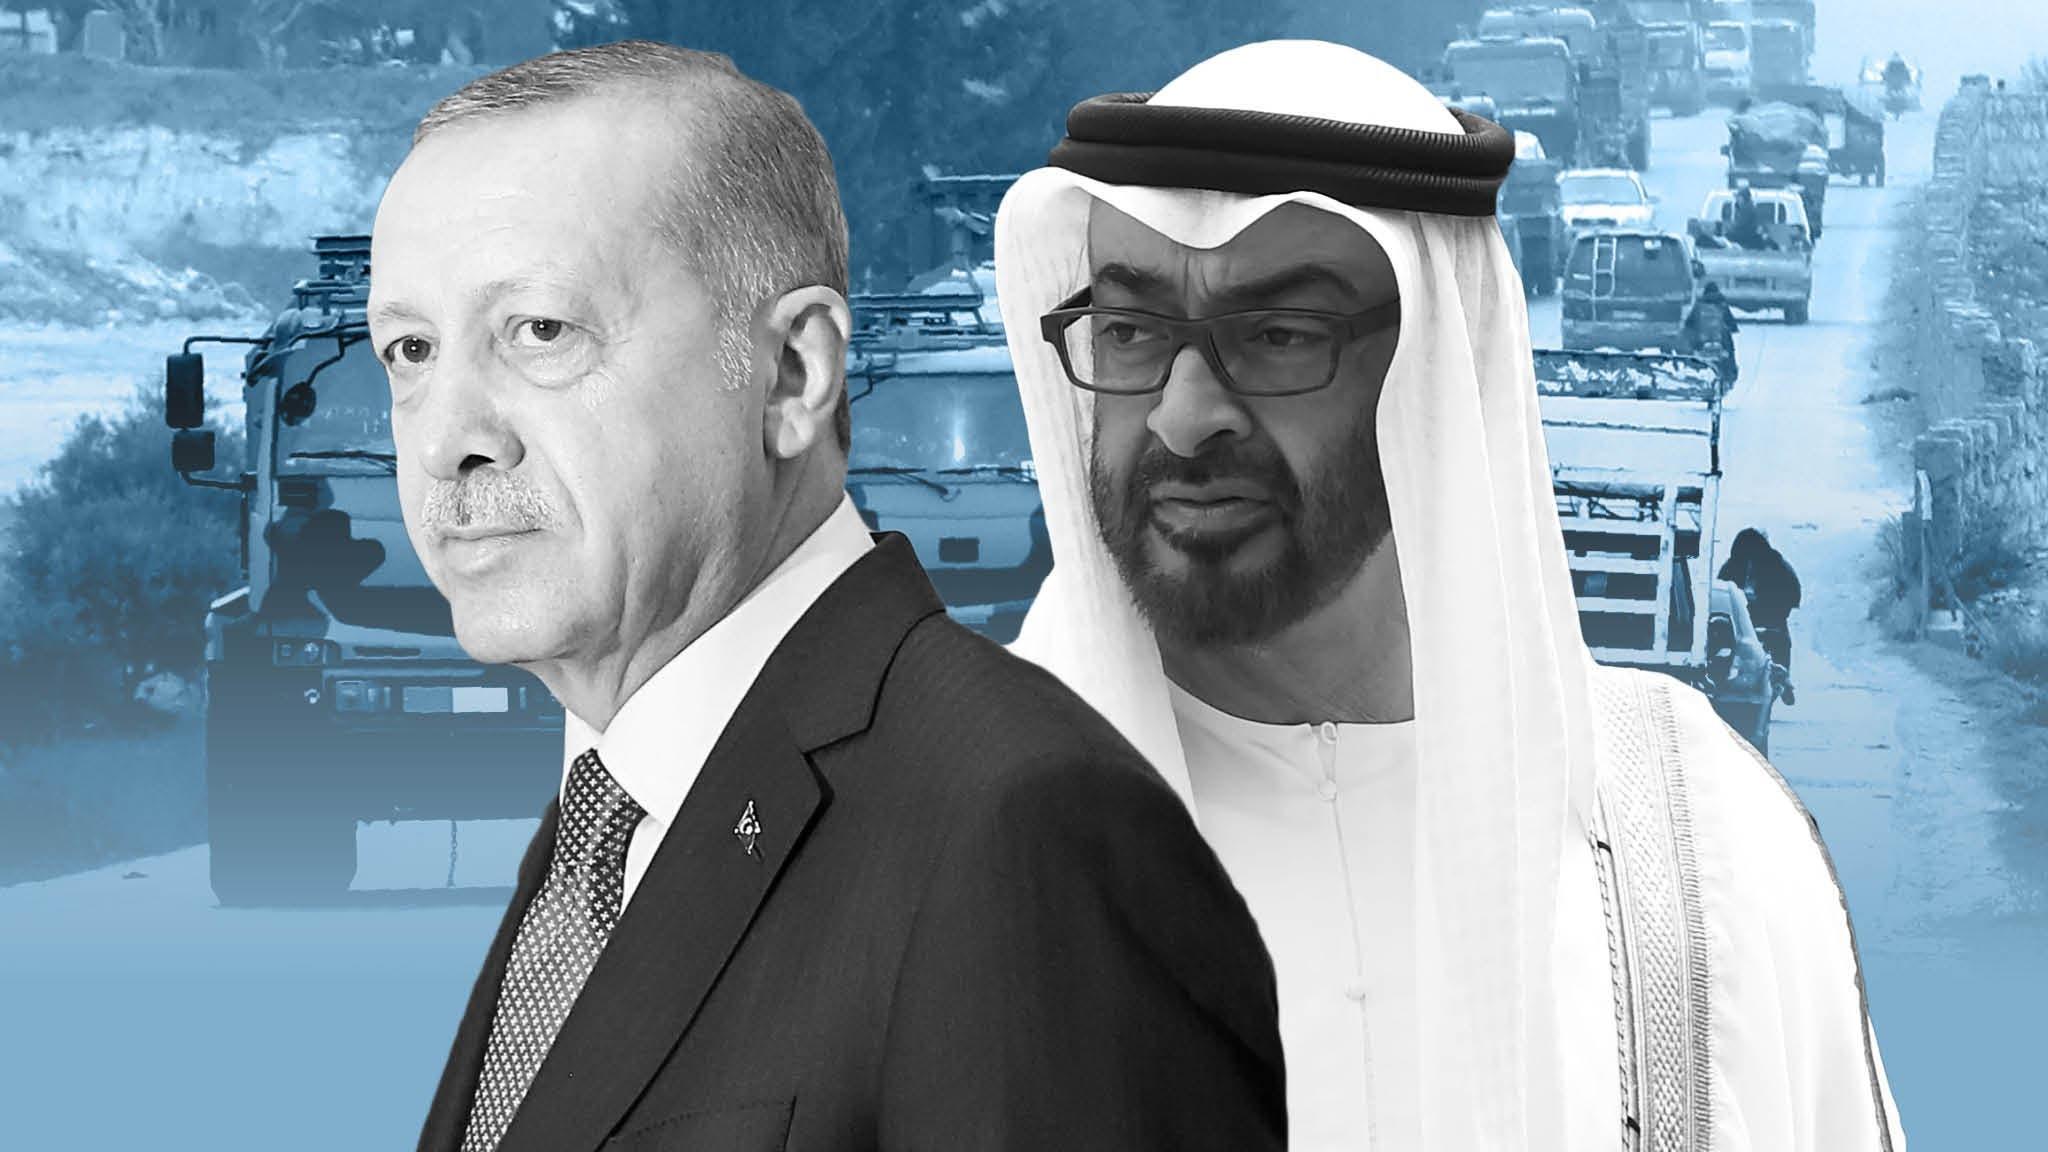 Loolanka u dhaxeeya Turkey iyo Imaaraadka Carabta oo lugaha la galay Soomaaliya